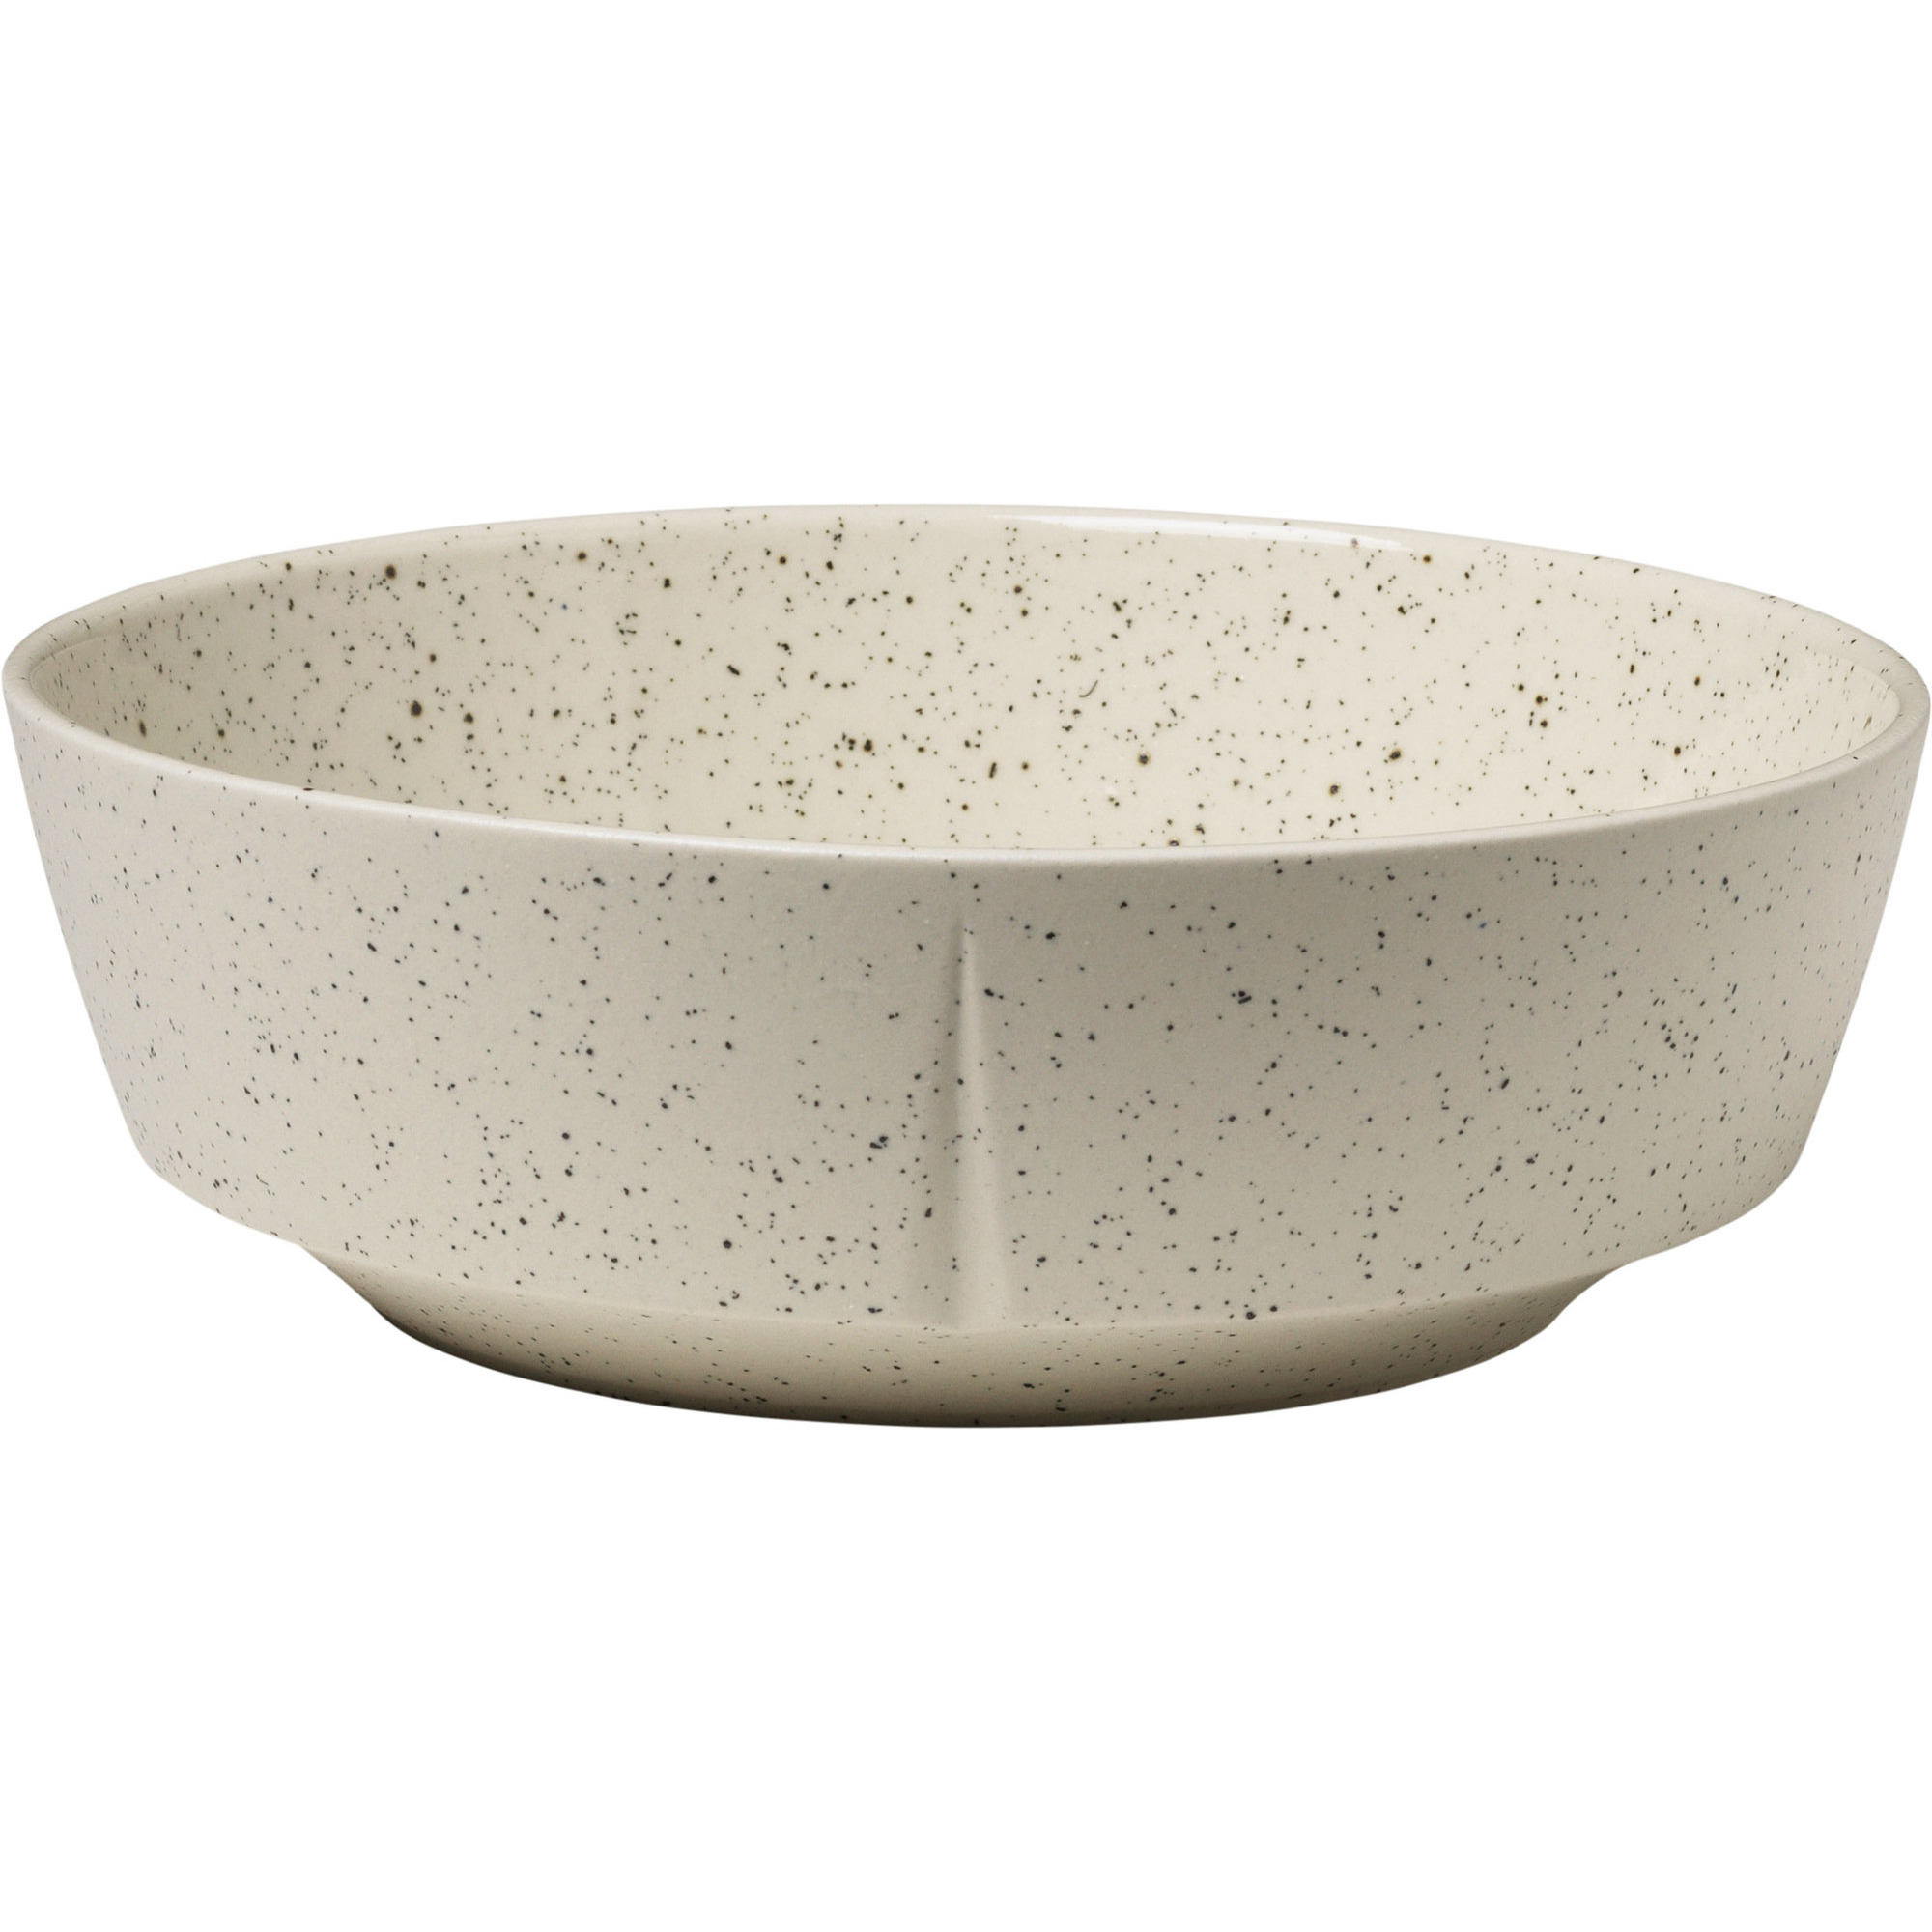 Rosendahl Grand Cru Sense Skål 215 cm Sand